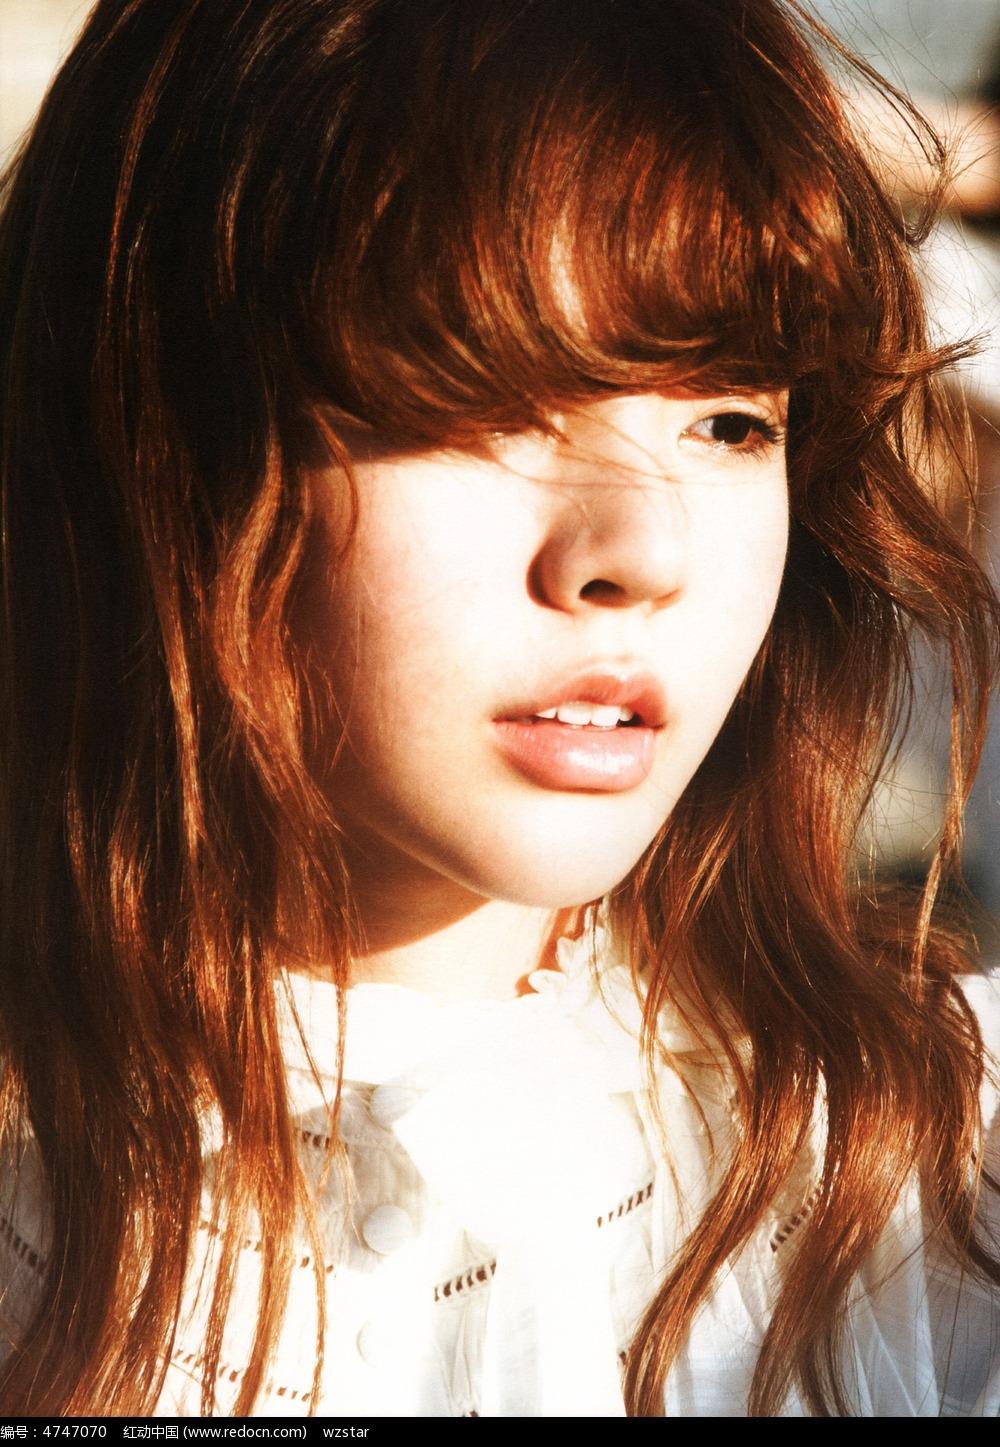 长发女孩侧脸摄影图